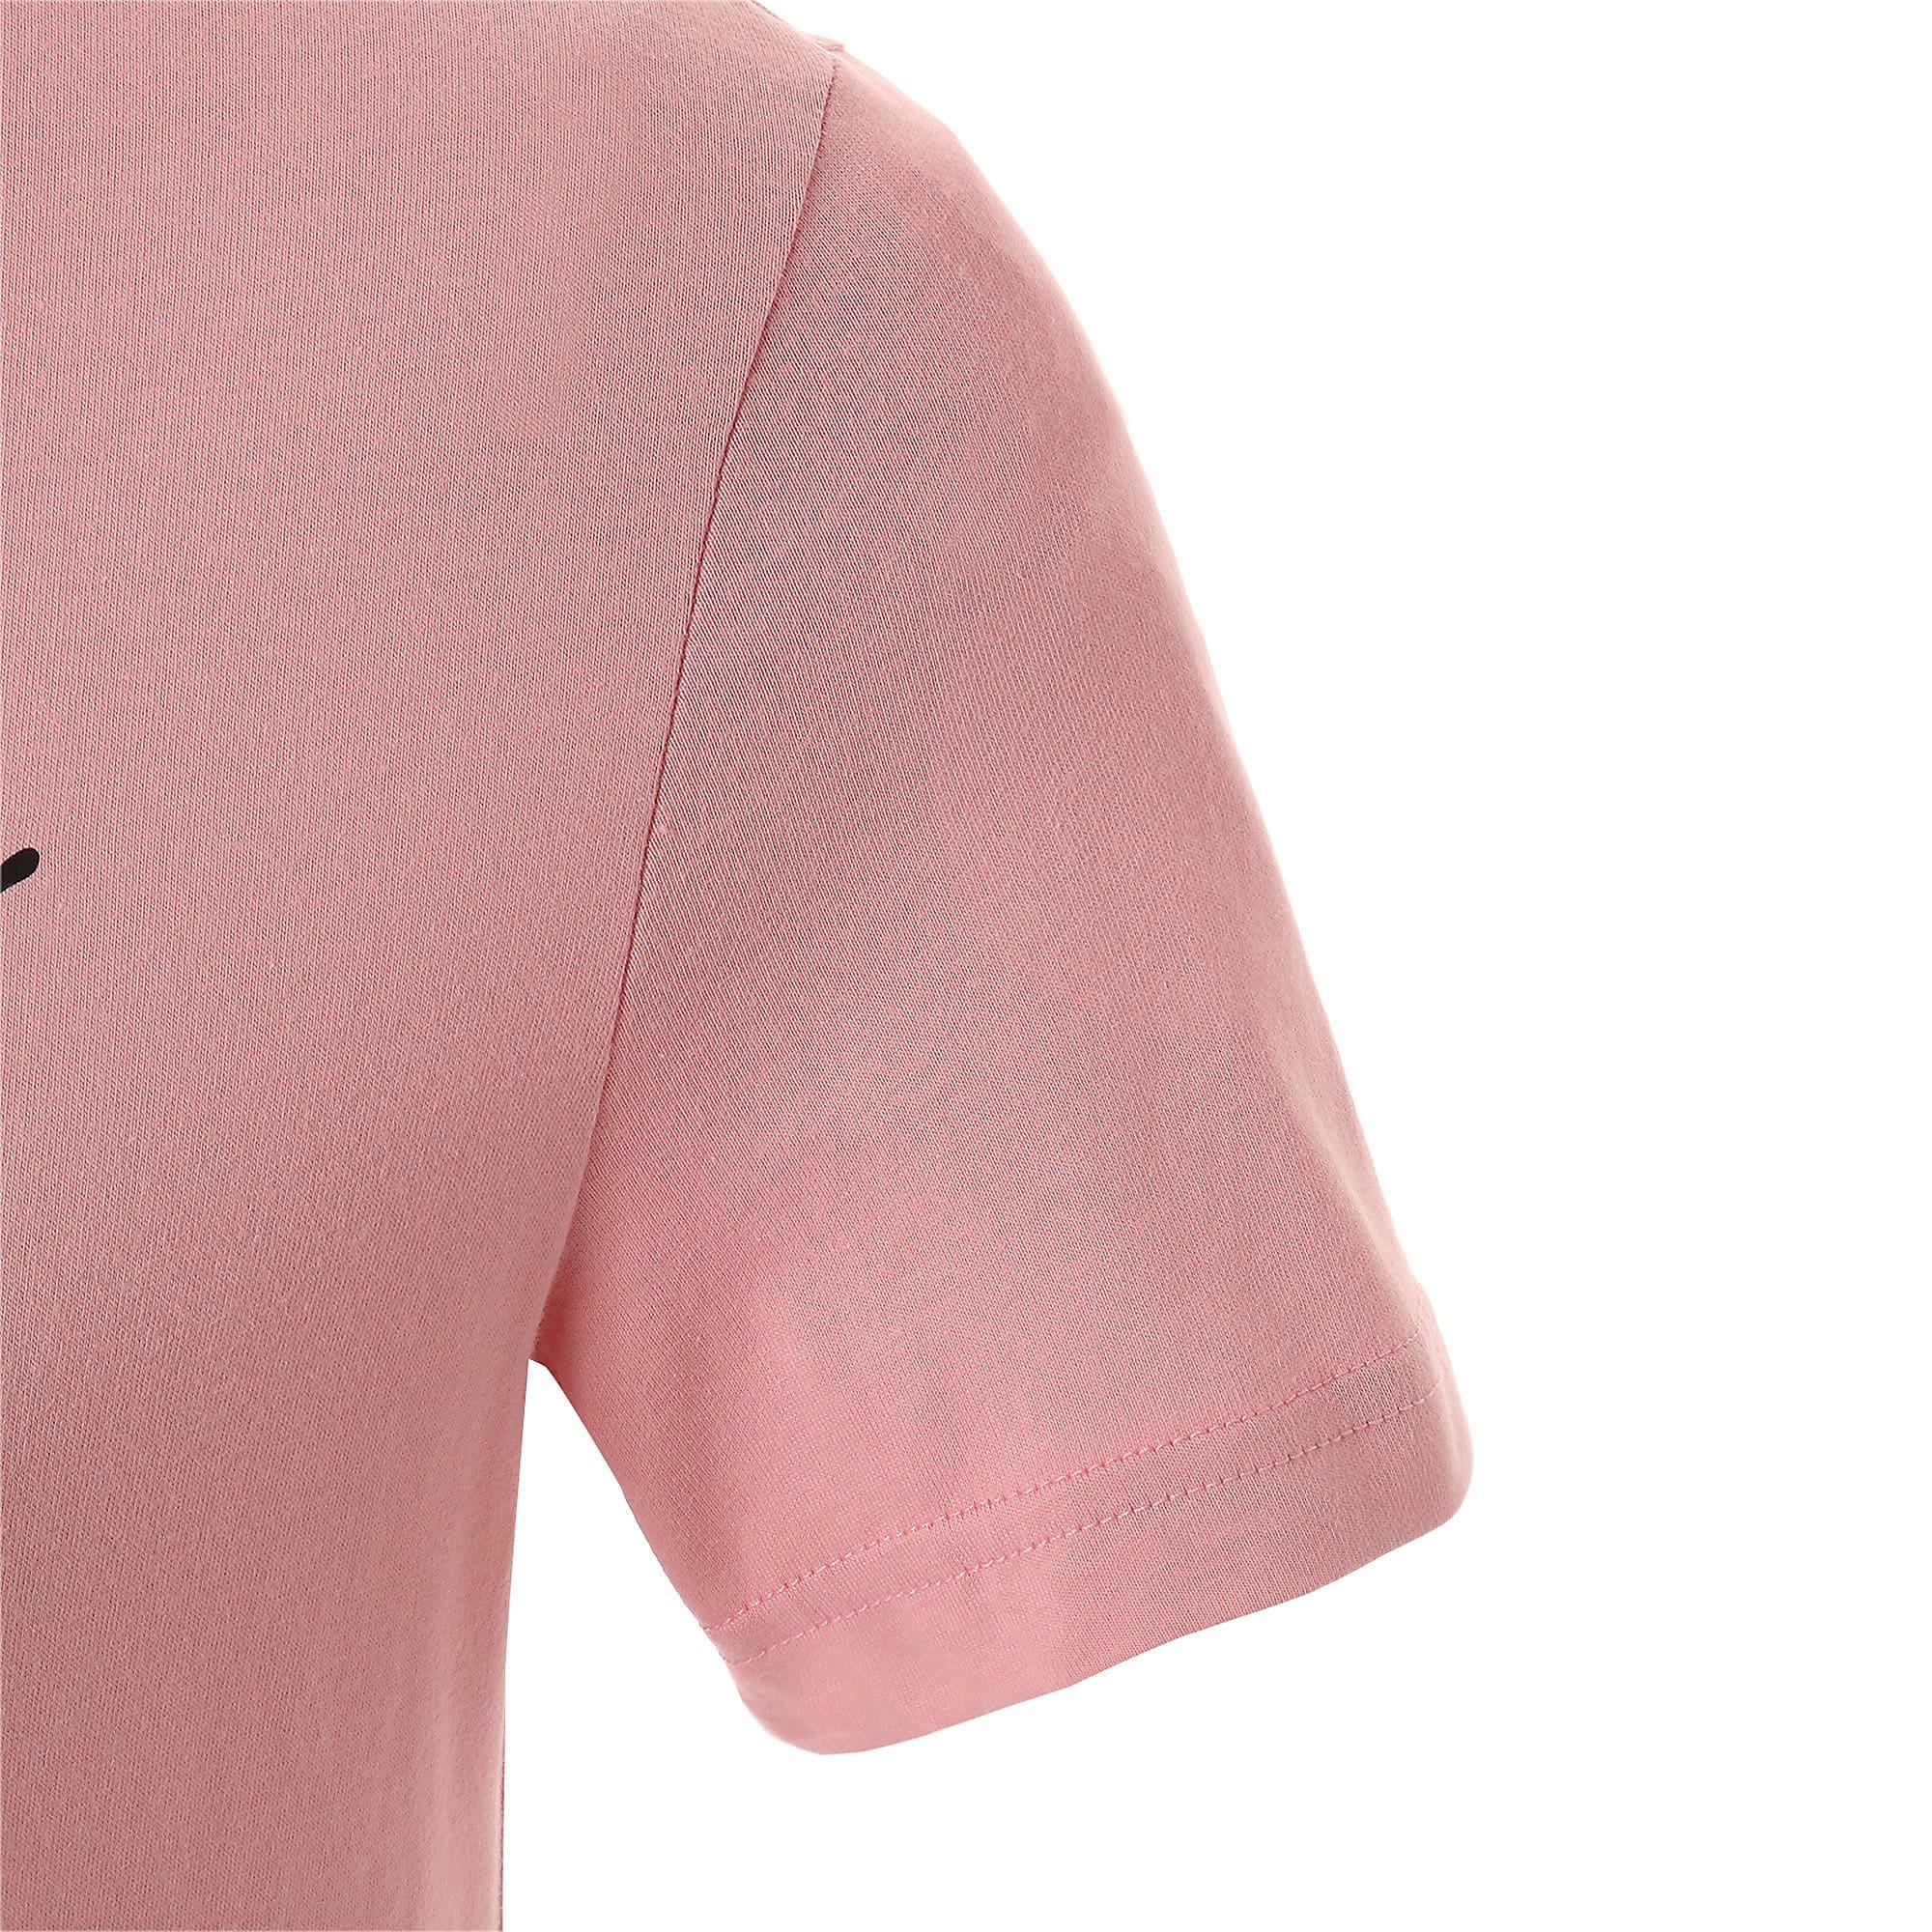 Thumbnail 5 of PUMA x SUE TSAI ウィメンズ Tシャツ, Bridal Rose, medium-JPN